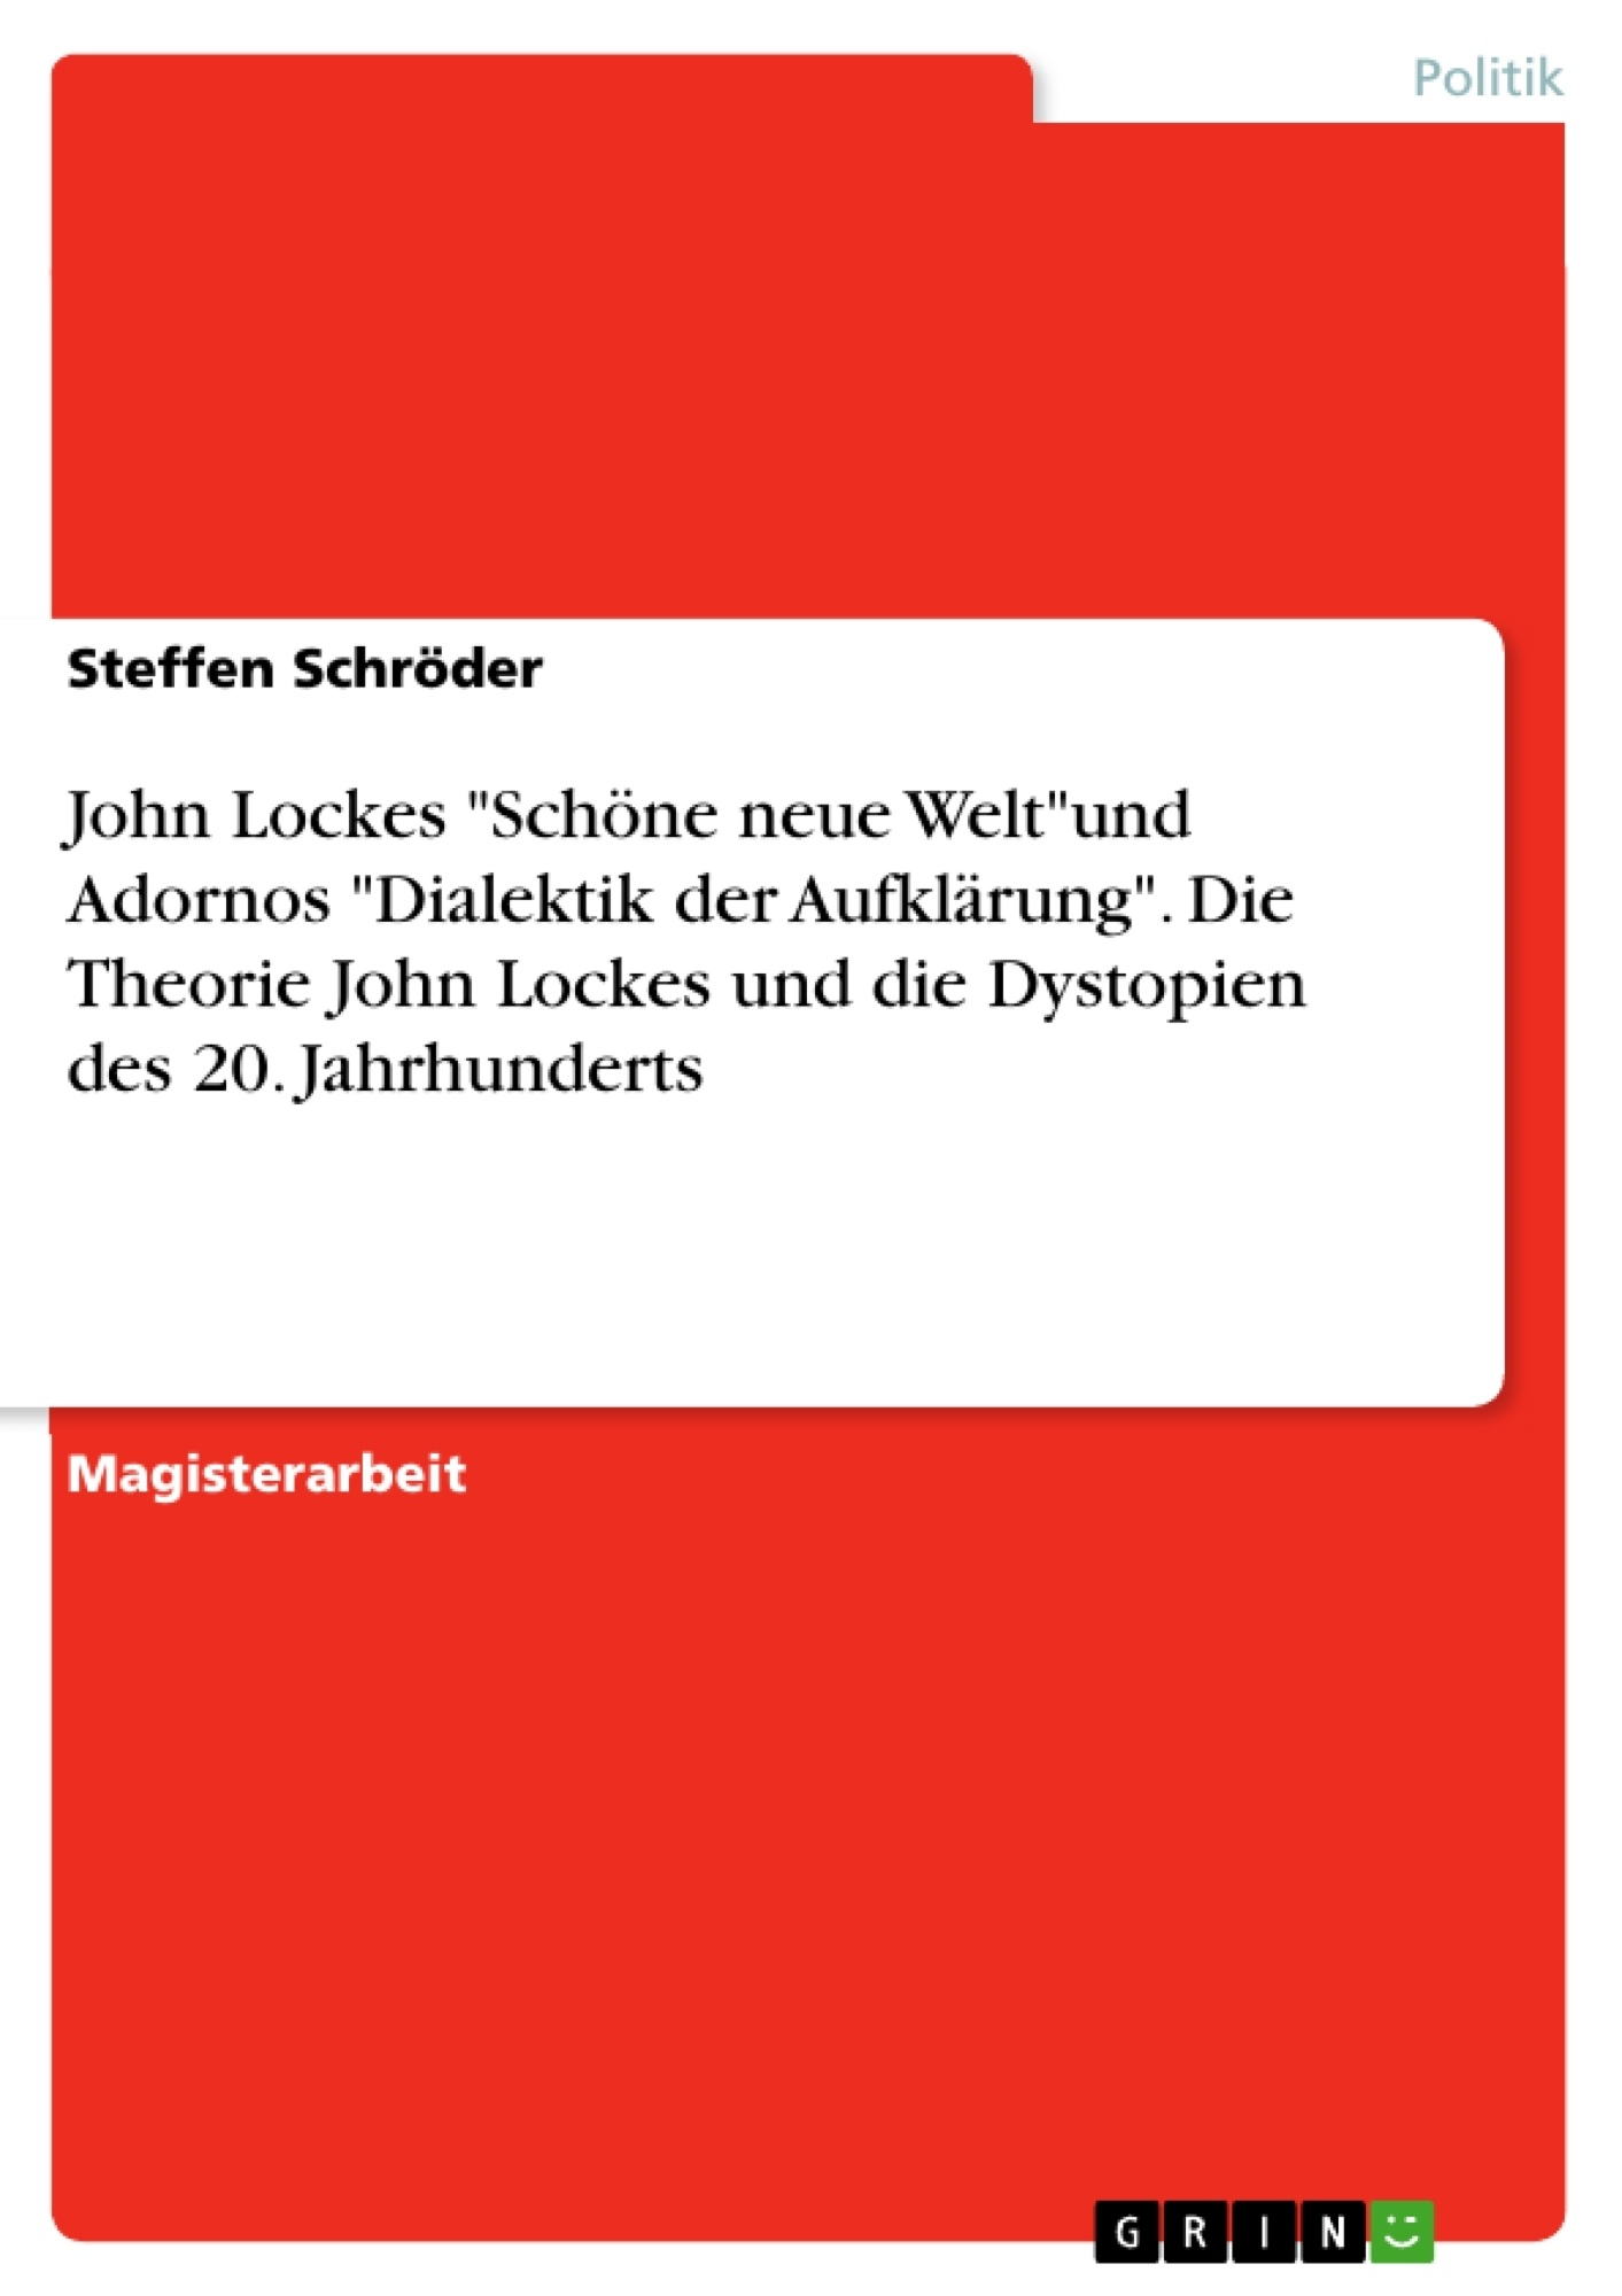 """Titel: John Lockes """"Schöne neue Welt""""und Adornos """"Dialektik der Aufklärung"""". Die Theorie John Lockes und die Dystopien des 20. Jahrhunderts"""